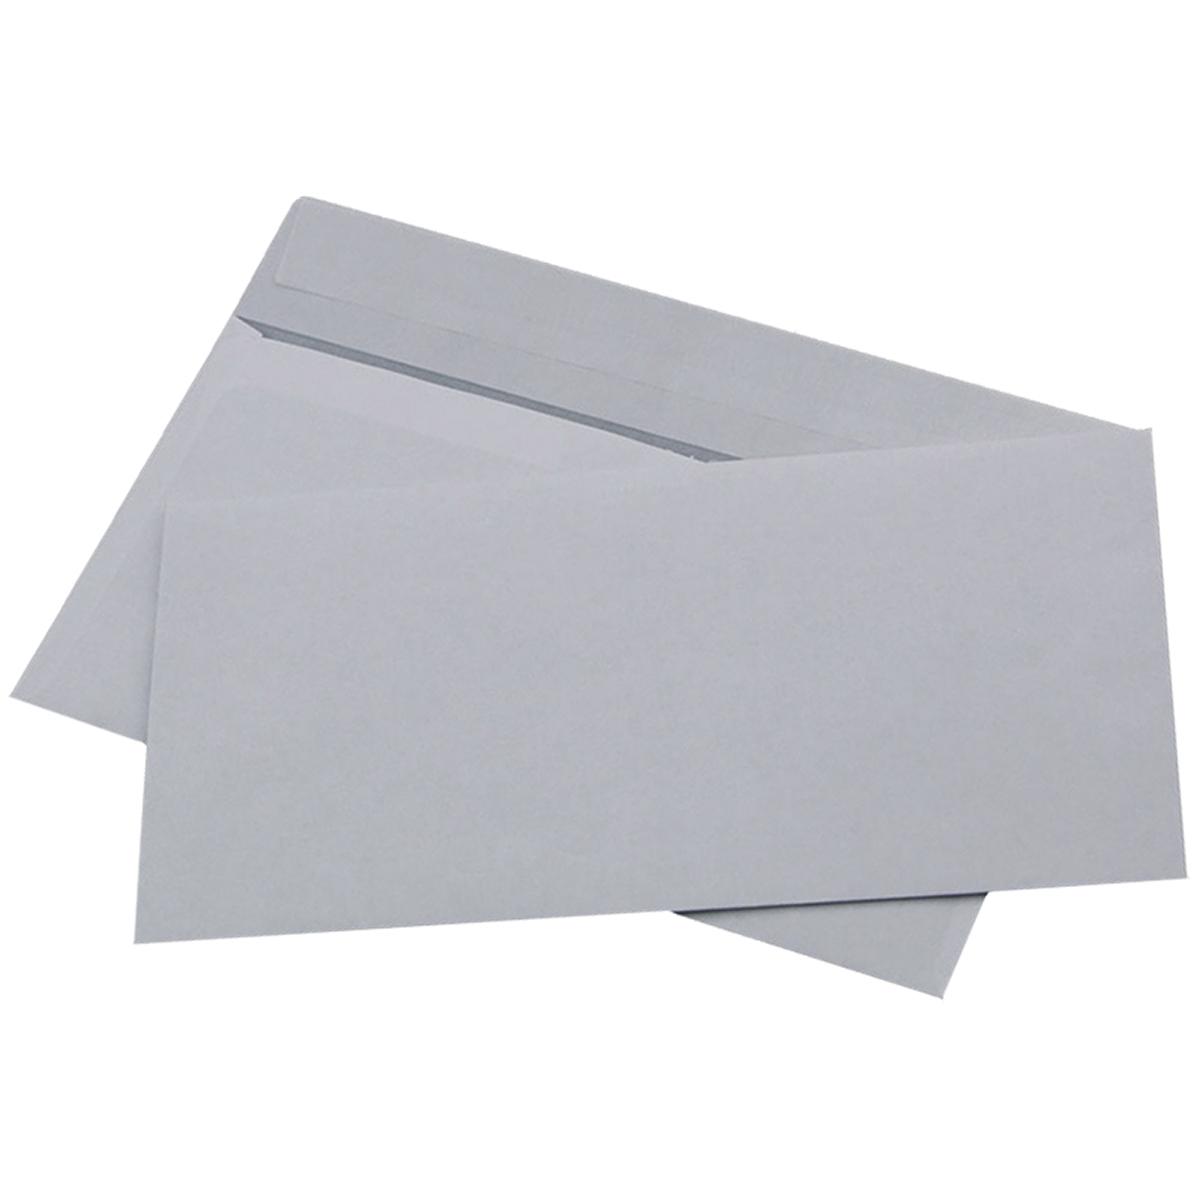 Конверт E65 200 шт 70201.20070201.200Почтовый конверт формата E65 из белой офсетной бумаги. Предназначен для почтовых отправлений.